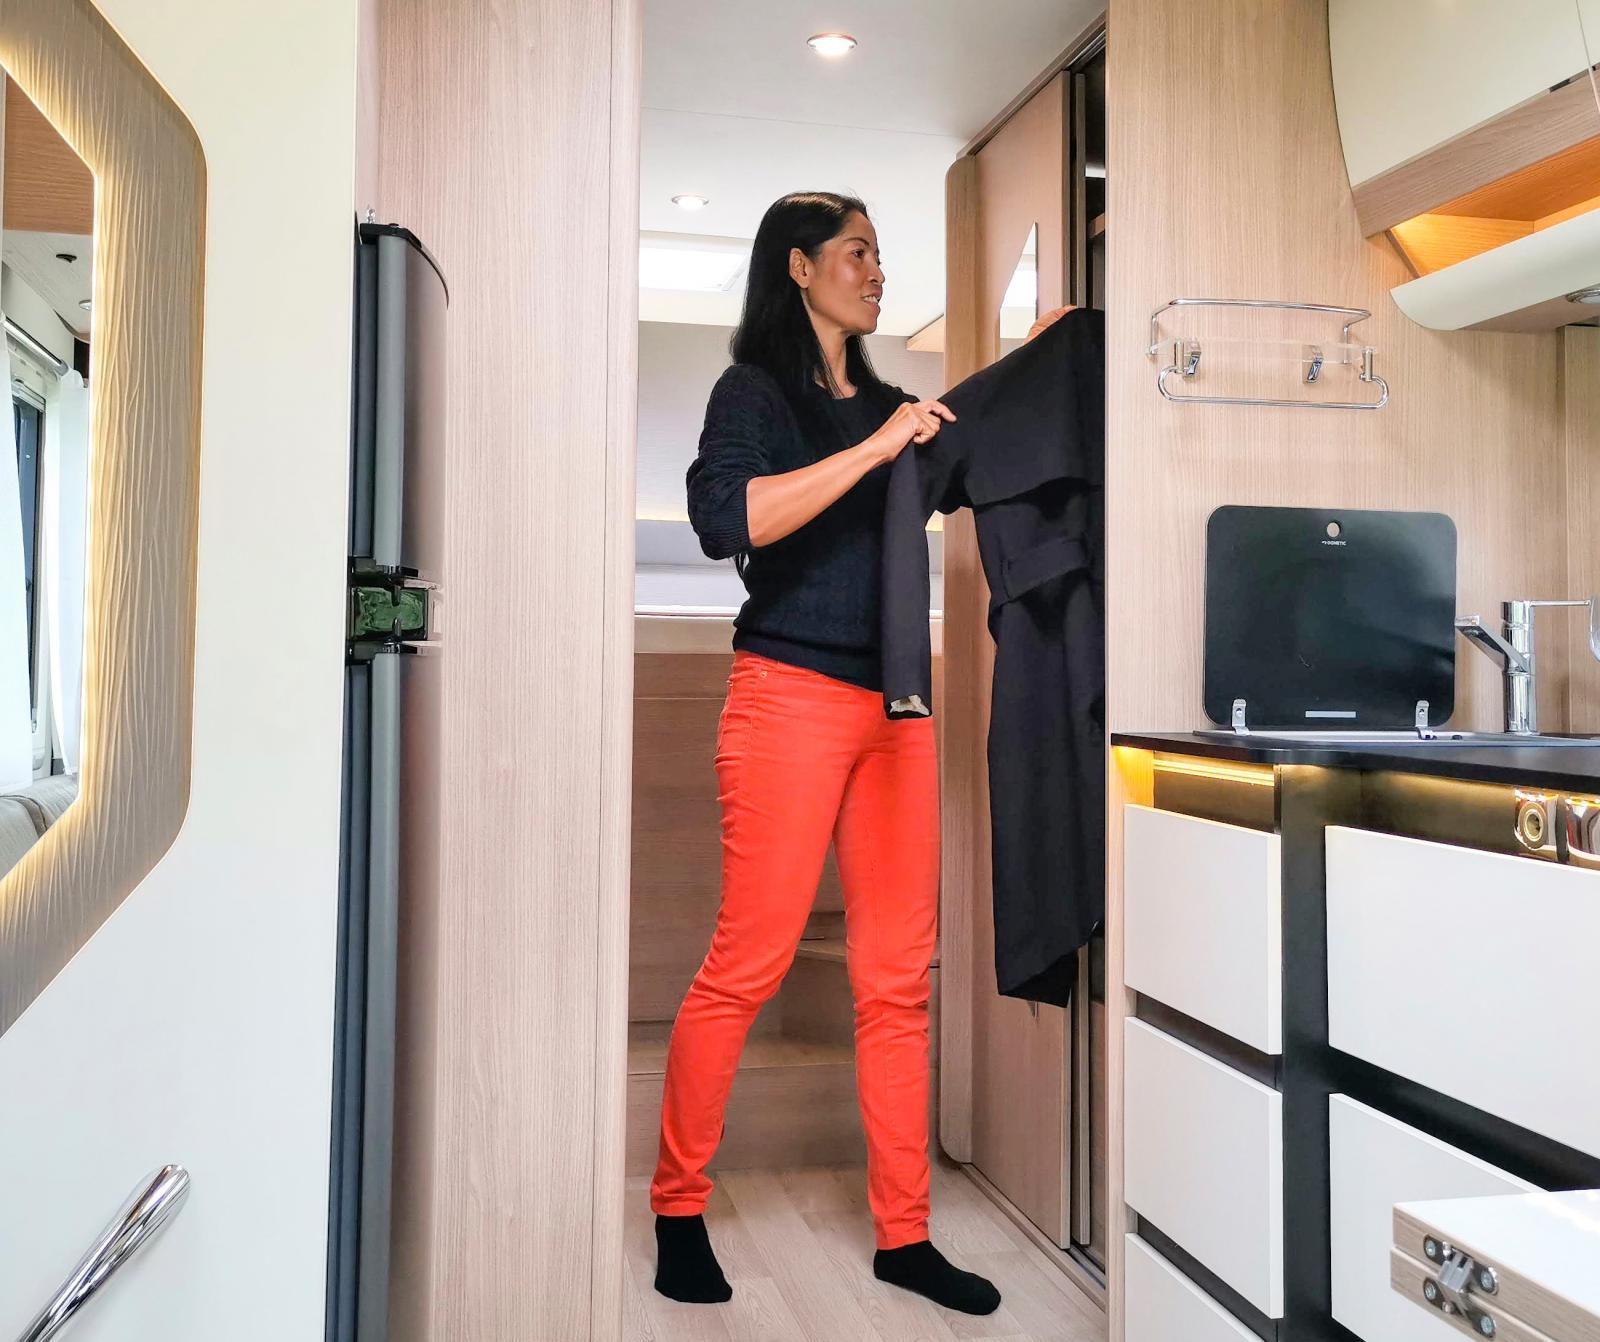 Vi uppskattar verkligen de trevliga garderoberna där den närmast köket är för längre plagg på galge och den närmast sängen är försedd med hyllor.